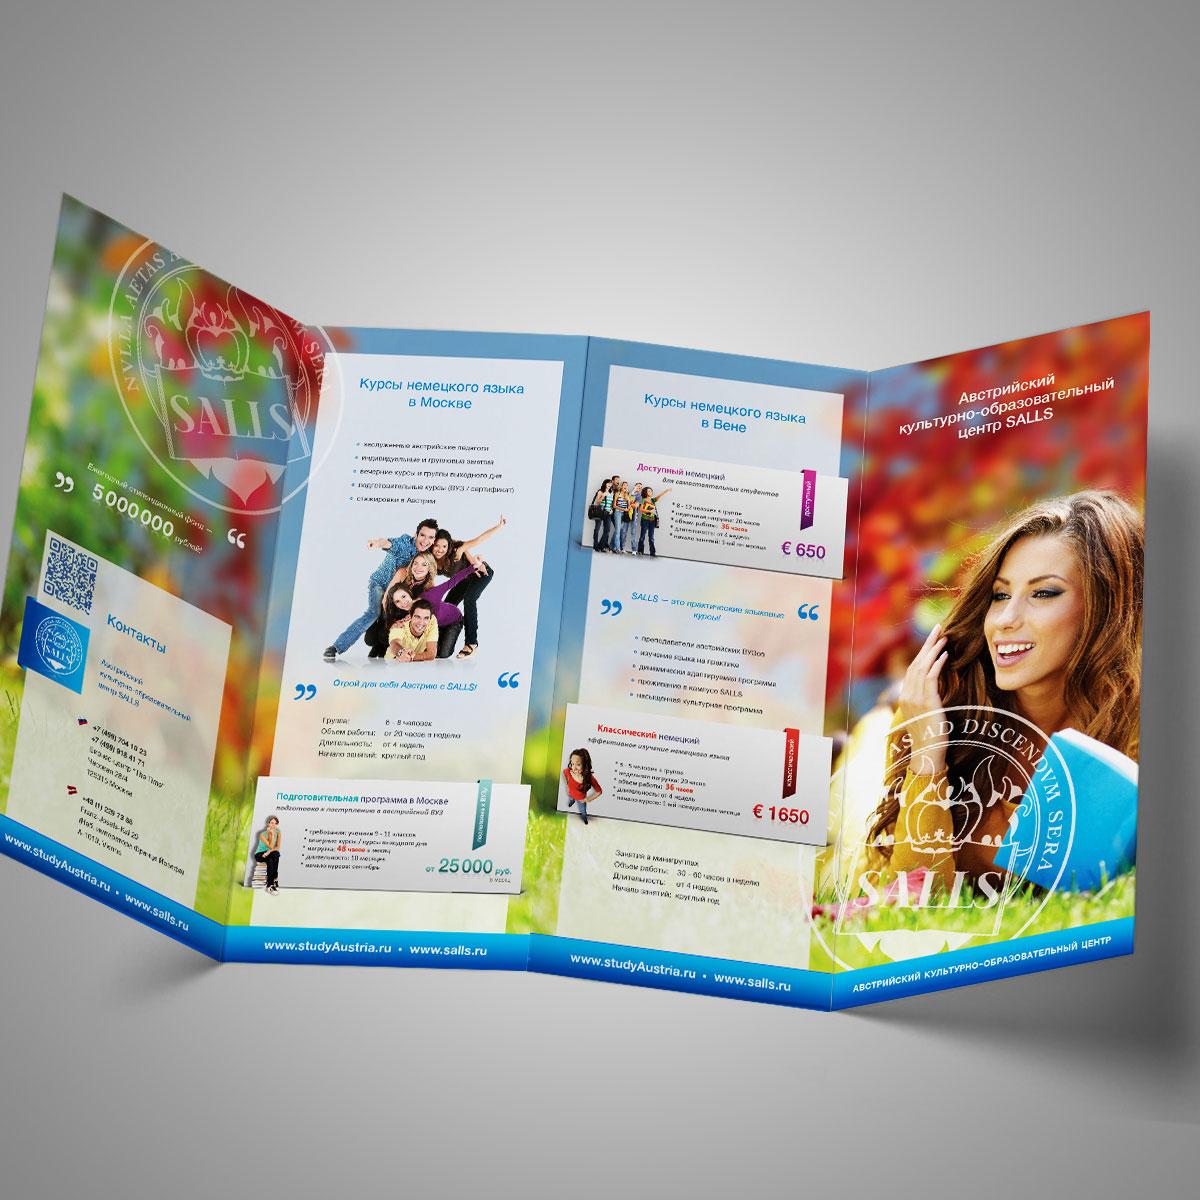 SALLS Booklet Editorial Design